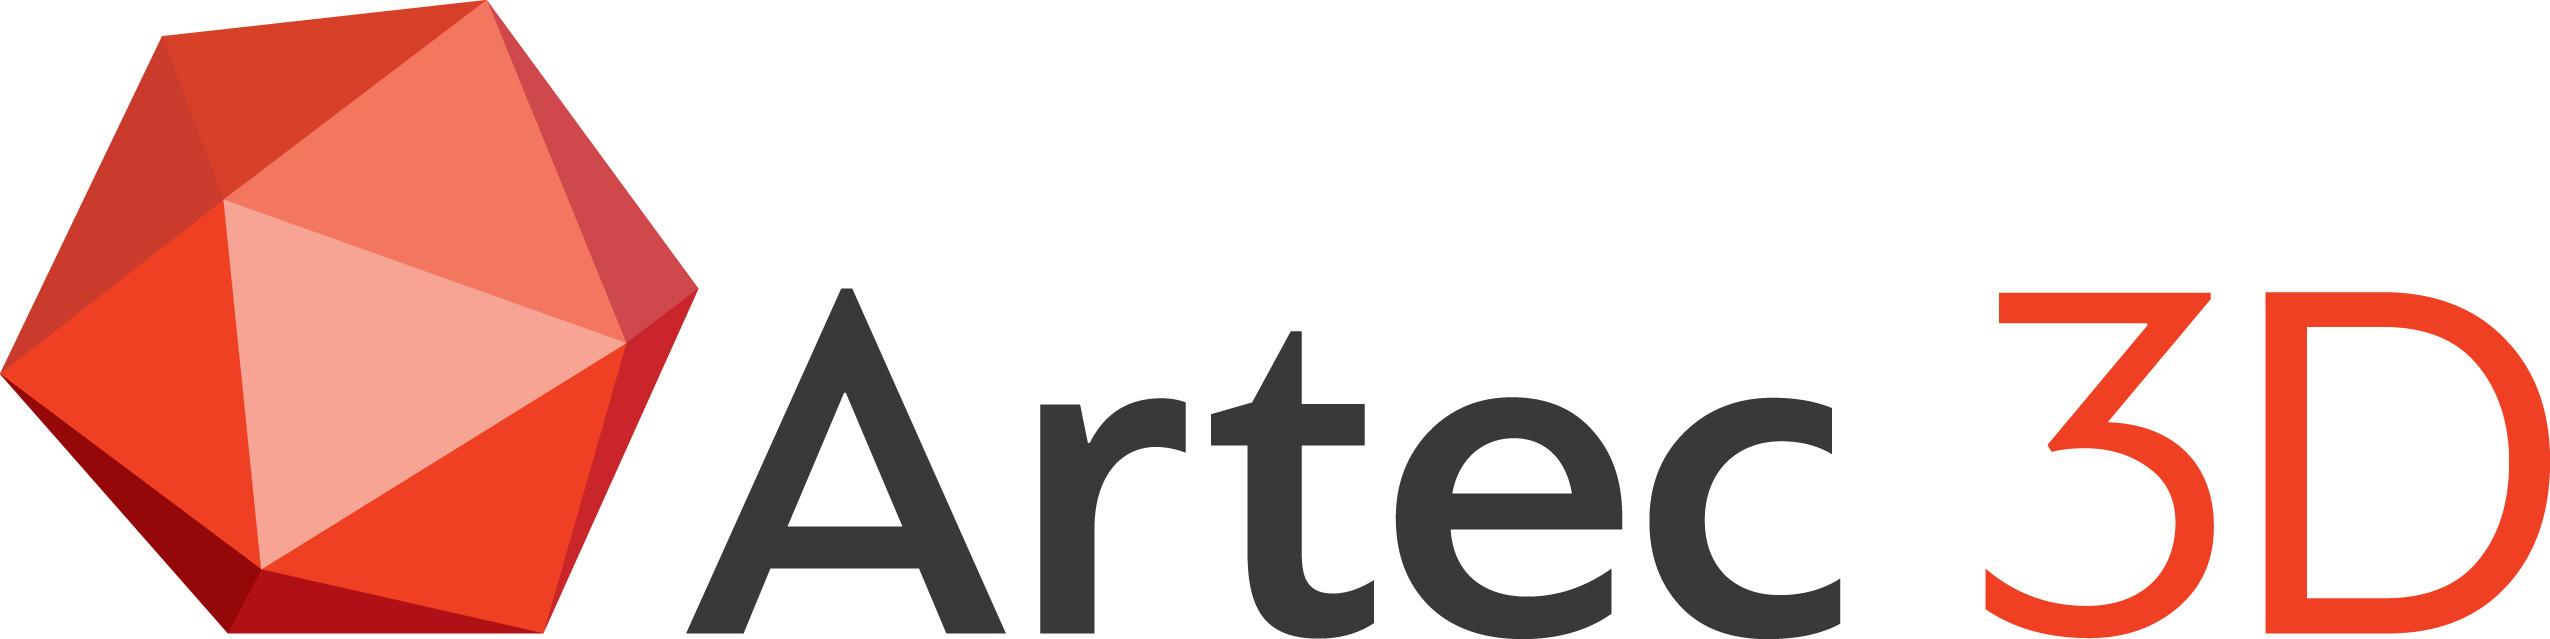 Artec 3D & 3D Systems Release 3D Scanning Bundle - 3D